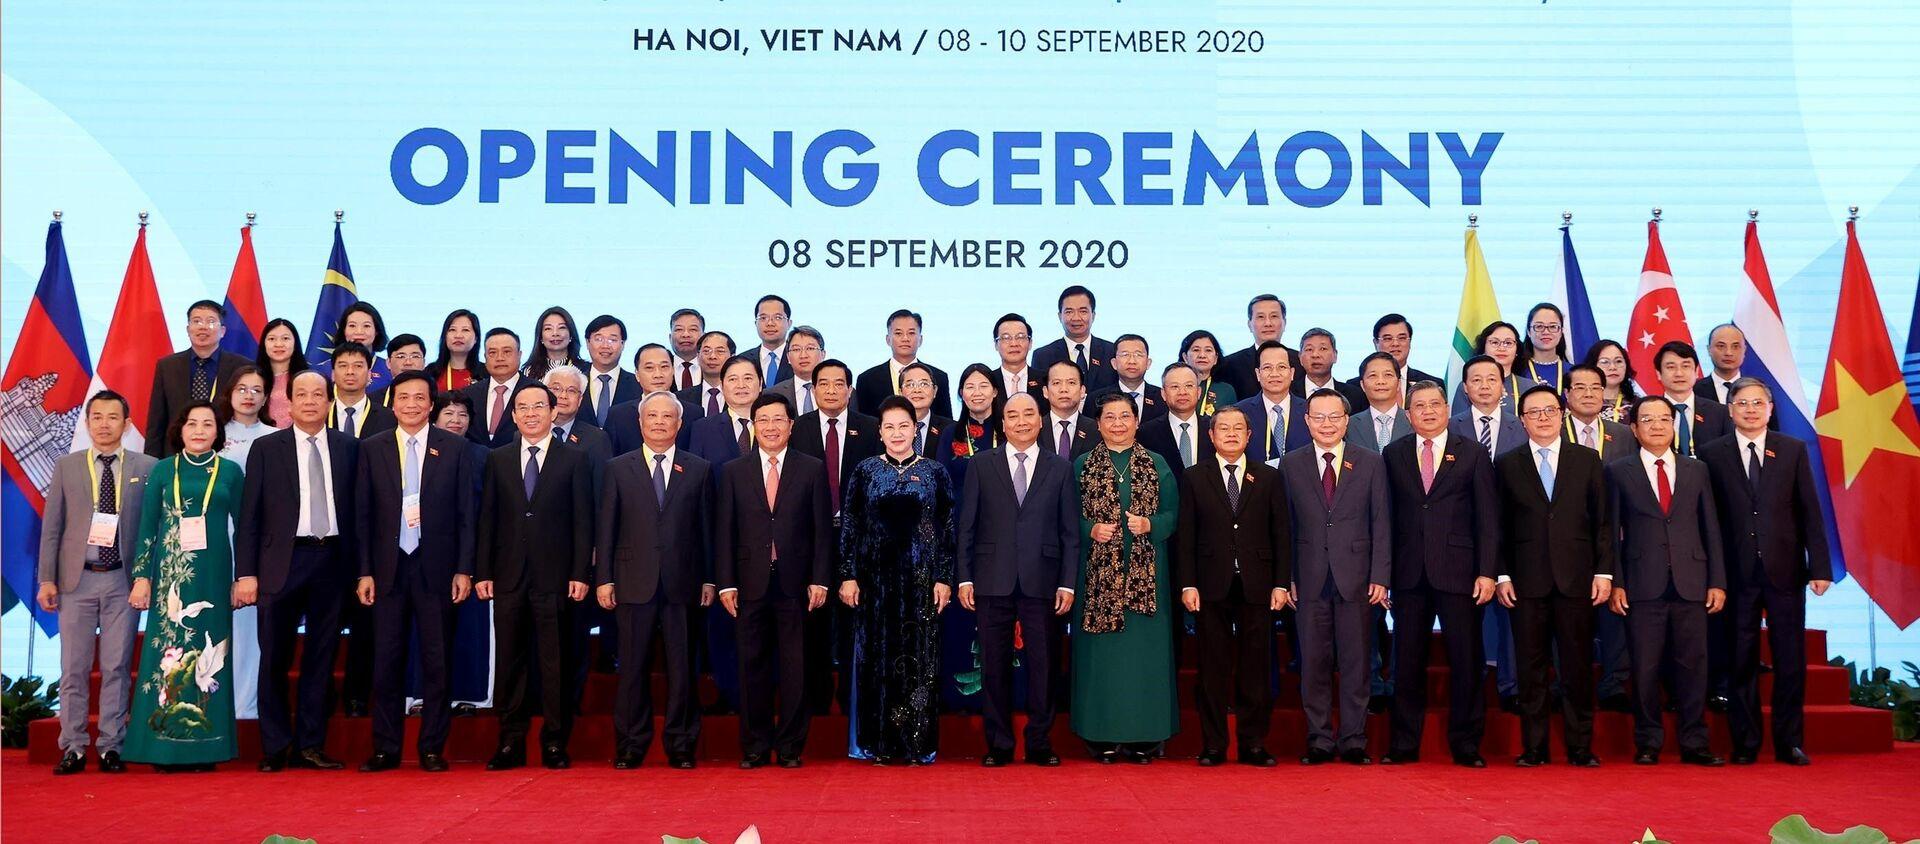 Chủ tịch Quốc hội Nguyễn Thị Kim Ngân, Thủ tướng Nguyễn Xuân Phúc và các lãnh đạo chụp ảnh với các đại biểu Quốc tế dự AIPA 41 - Sputnik Việt Nam, 1920, 08.09.2020